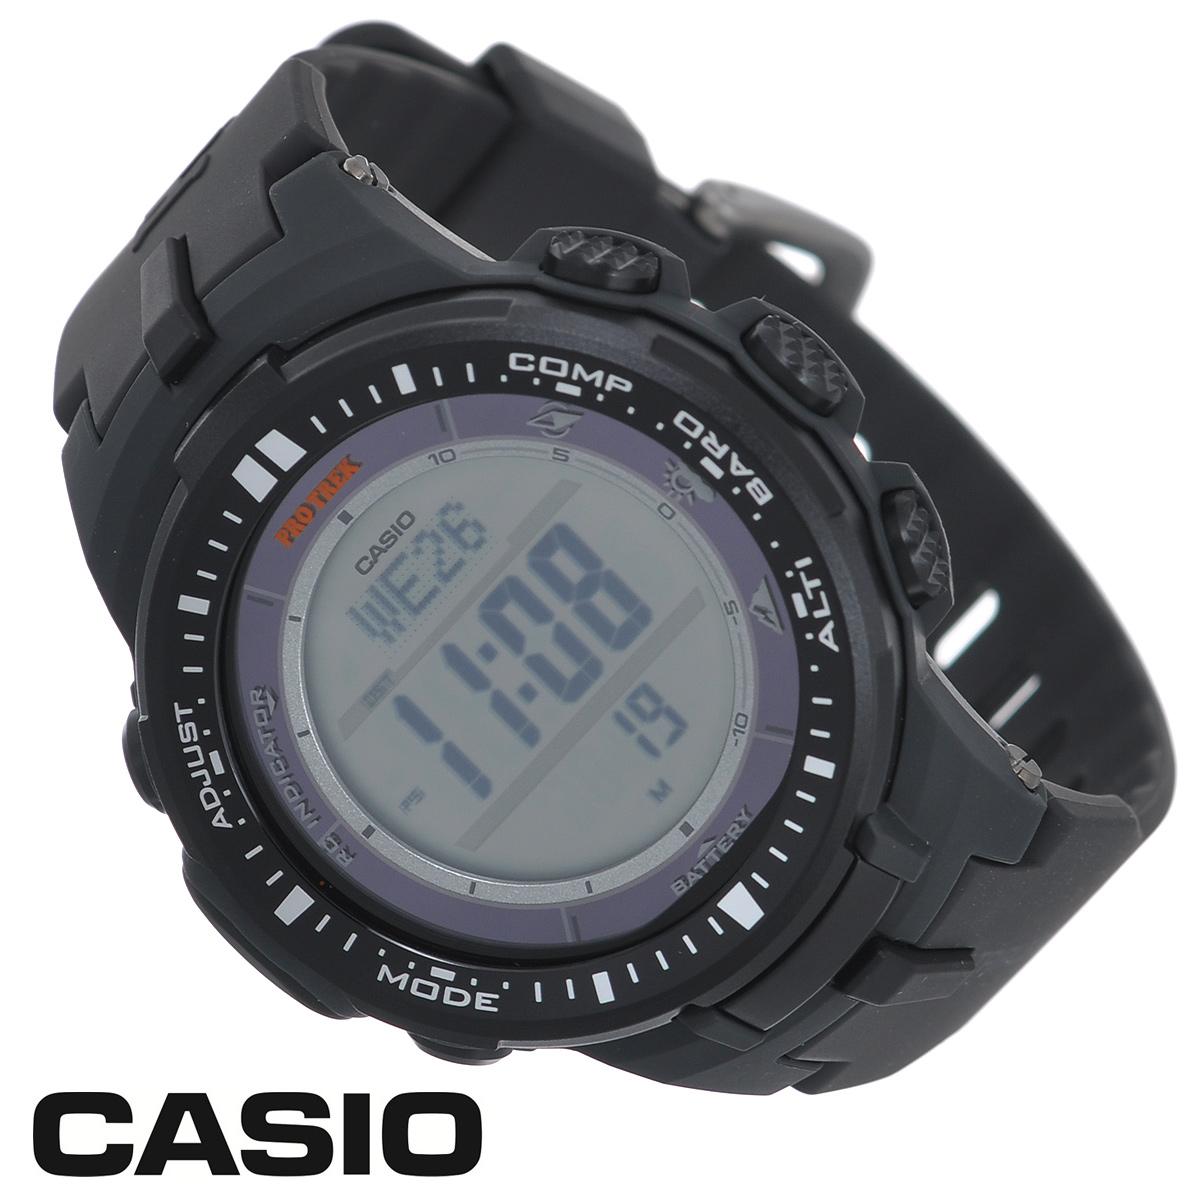 Часы мужские наручные Casio Protrek, цвет: черный, серый. PRW-3000-1EPRW-3000-1EСтильные кварцевые часы Protrek от японского брэнда Casio - это яркий функциональный аксессуар для современных людей, которые стремятся выделиться из толпы и подчеркнуть свою индивидуальность. Часы выполнены в спортивном стиле. Корпус выполнен из пластика и металлических элементов. Циферблат подсвечивается светодиодом, при недостаточном освещении во время поворота запястья в сторону лица подсветка включается автоматически. Ремешок из пластика имеет классическую застежку. Основные функции: - 5 будильников, один с функцией Snooze, ежечасный сигнал; - автоматический календарь (число, день недели, месяц, год); - секундомер с точностью показаний 1/10 с и временем измерения 1000 ч; - мировое время; - таймер обратного отсчета от 1 мин до 24 ч; - 12-ти и 24-х часовой формат времени; - встроенный цифровой компас; - функция автоматического сохранения энергии; - высотомер -...